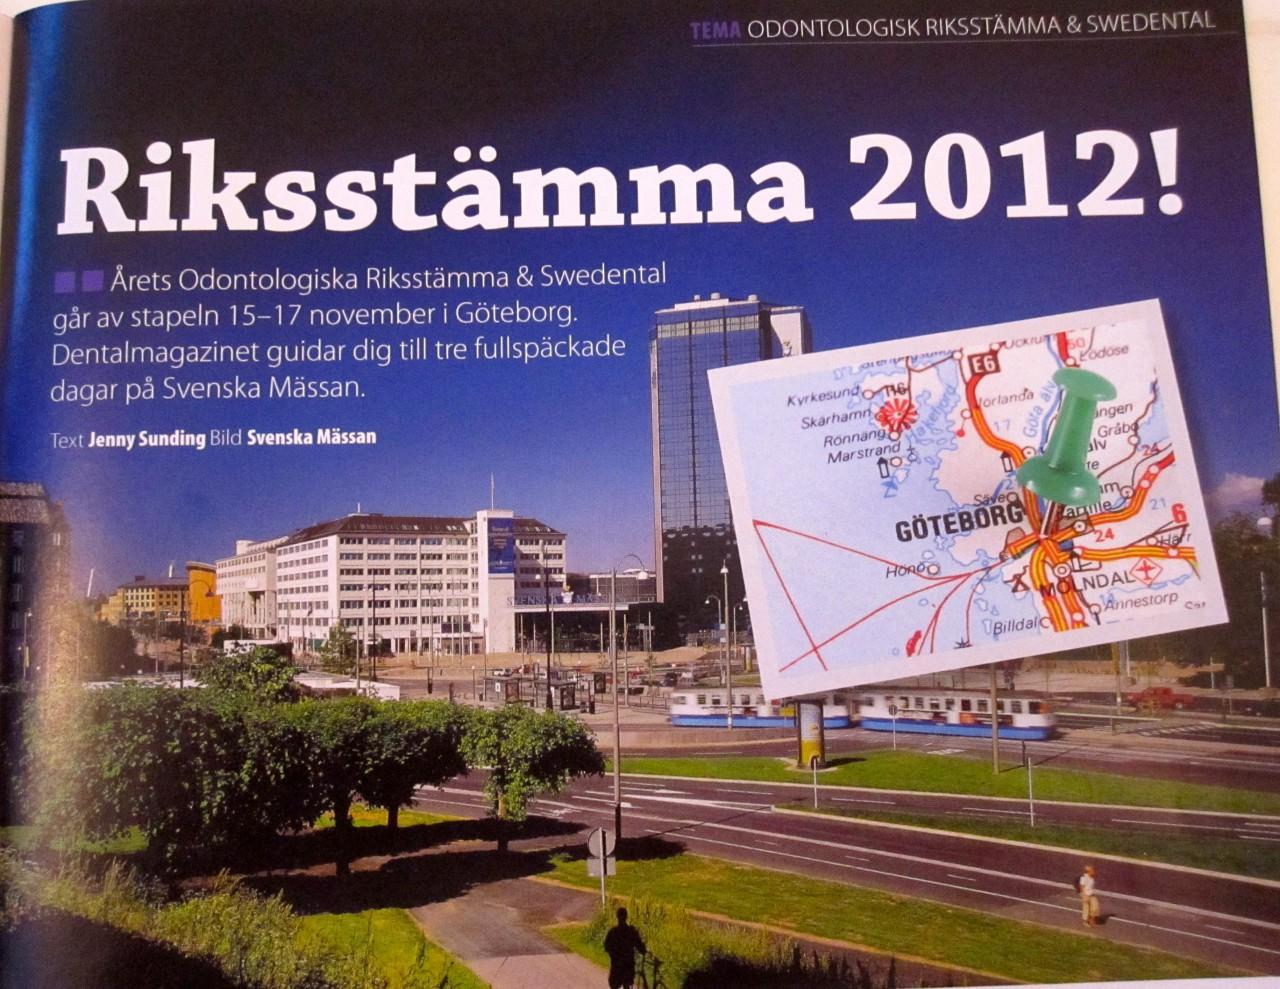 Riksstämma 2012!